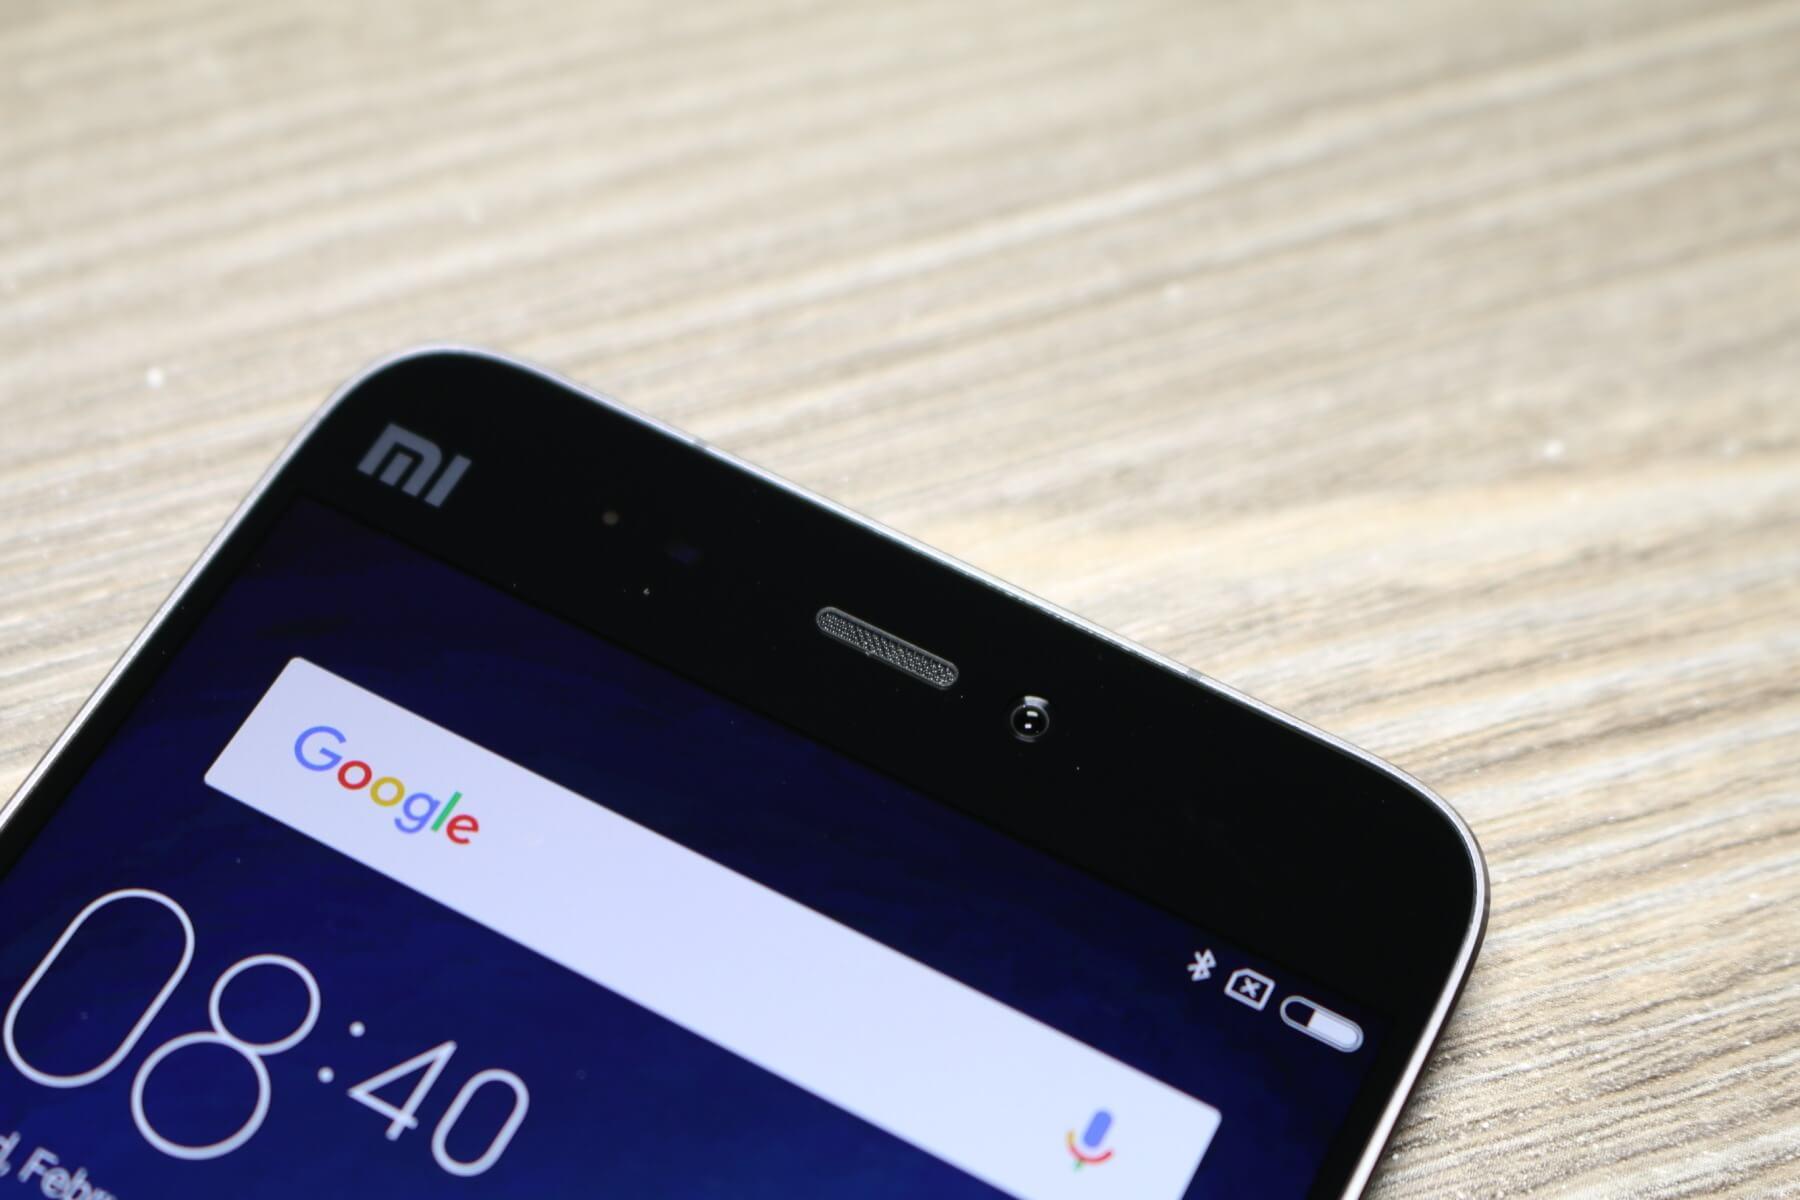 Xiaomi Mi 5 Das Phone Uber Derzeit Alle Reden Im Hands On